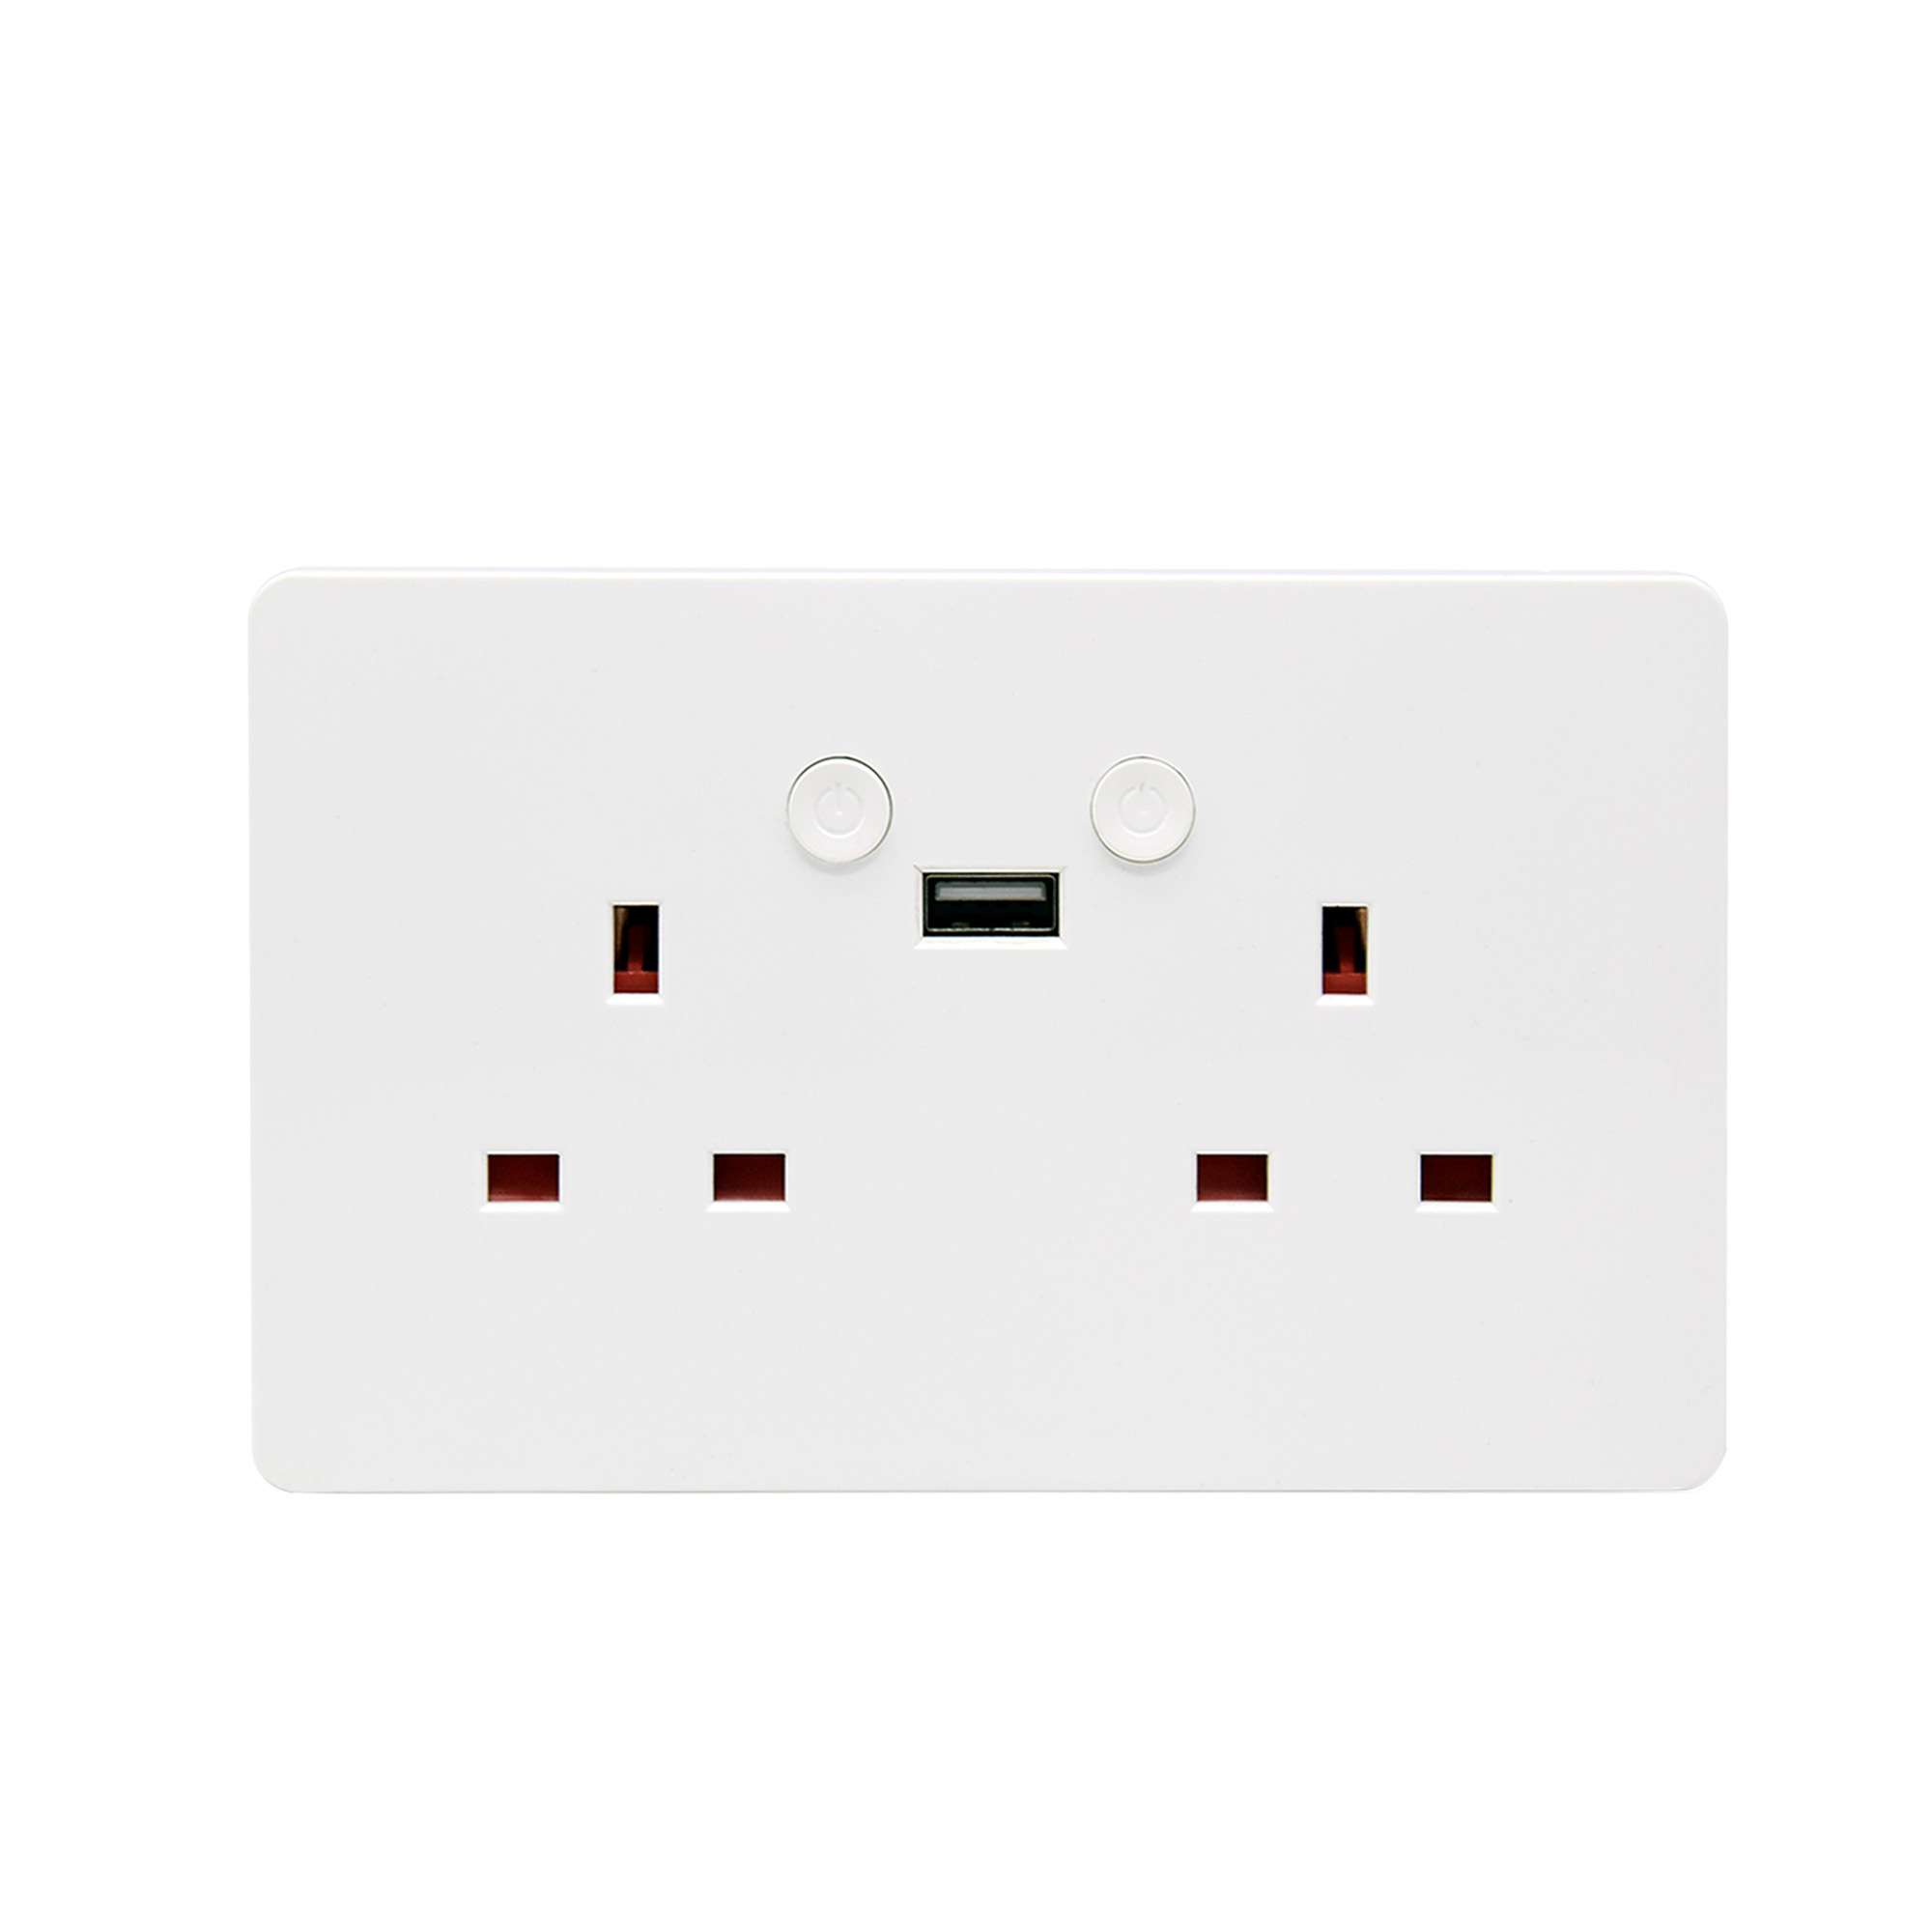 UK 15A Wifi cuisine prise USB prise de courant, prises d'adaptateur intelligentes avec usb 2.0, compatible alexa, assistant google, application TUYA